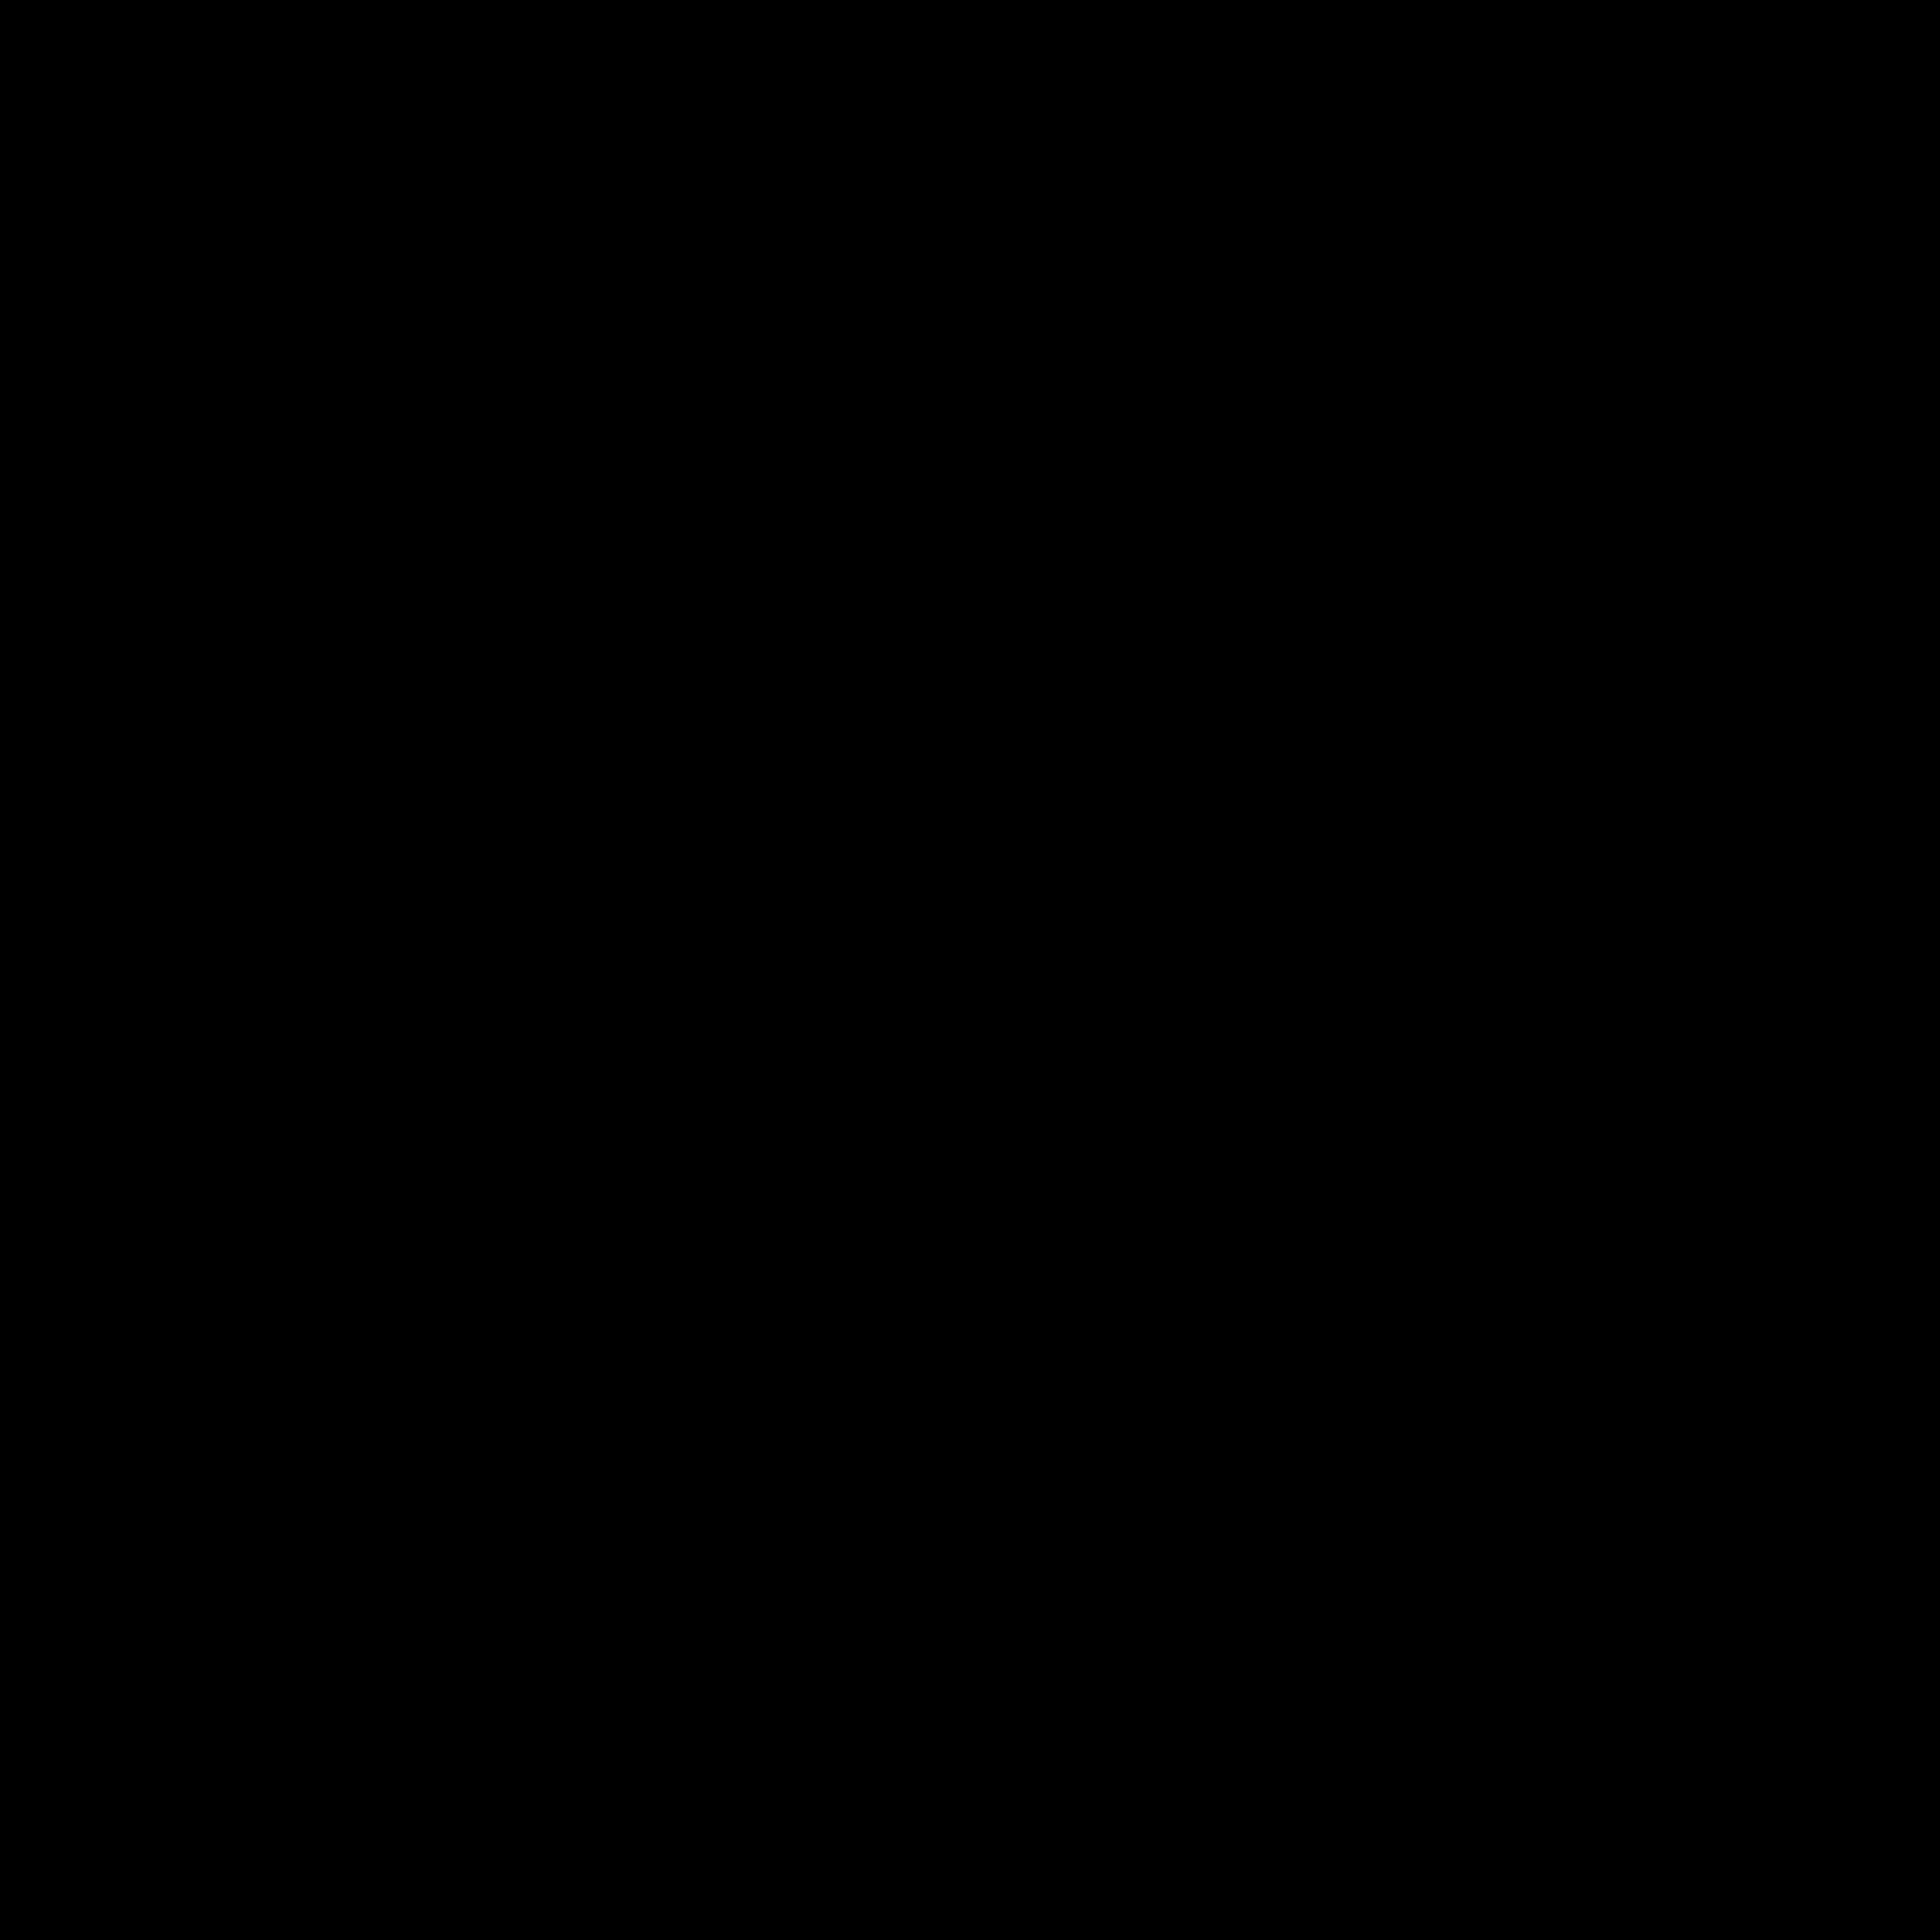 Search Ideogram